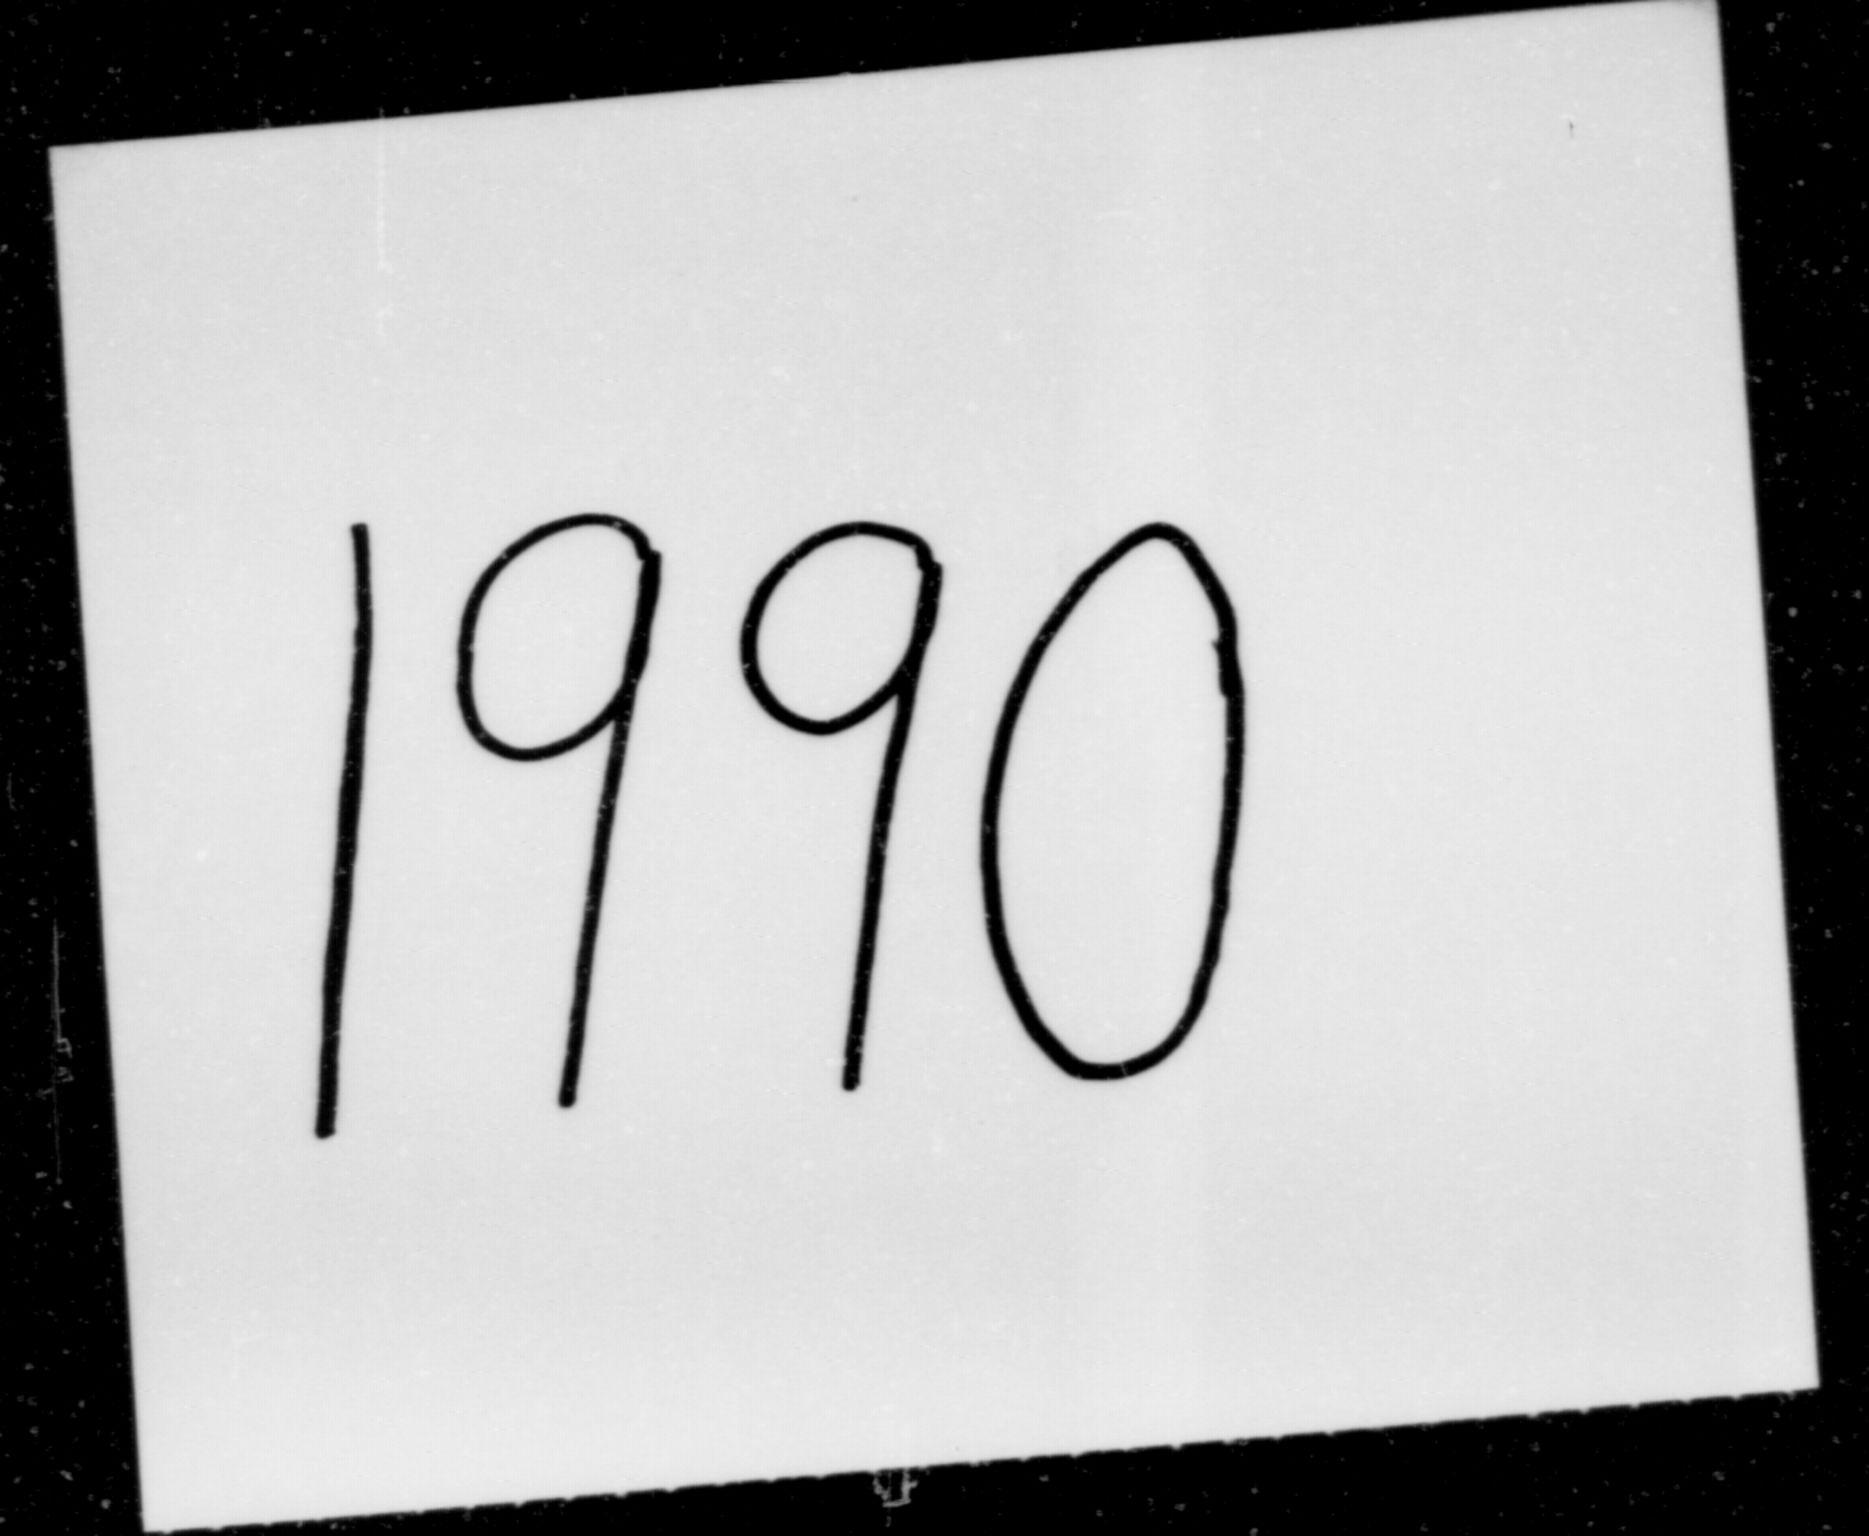 RA, Det norske meteorologiske institutt, 1990, s. 1